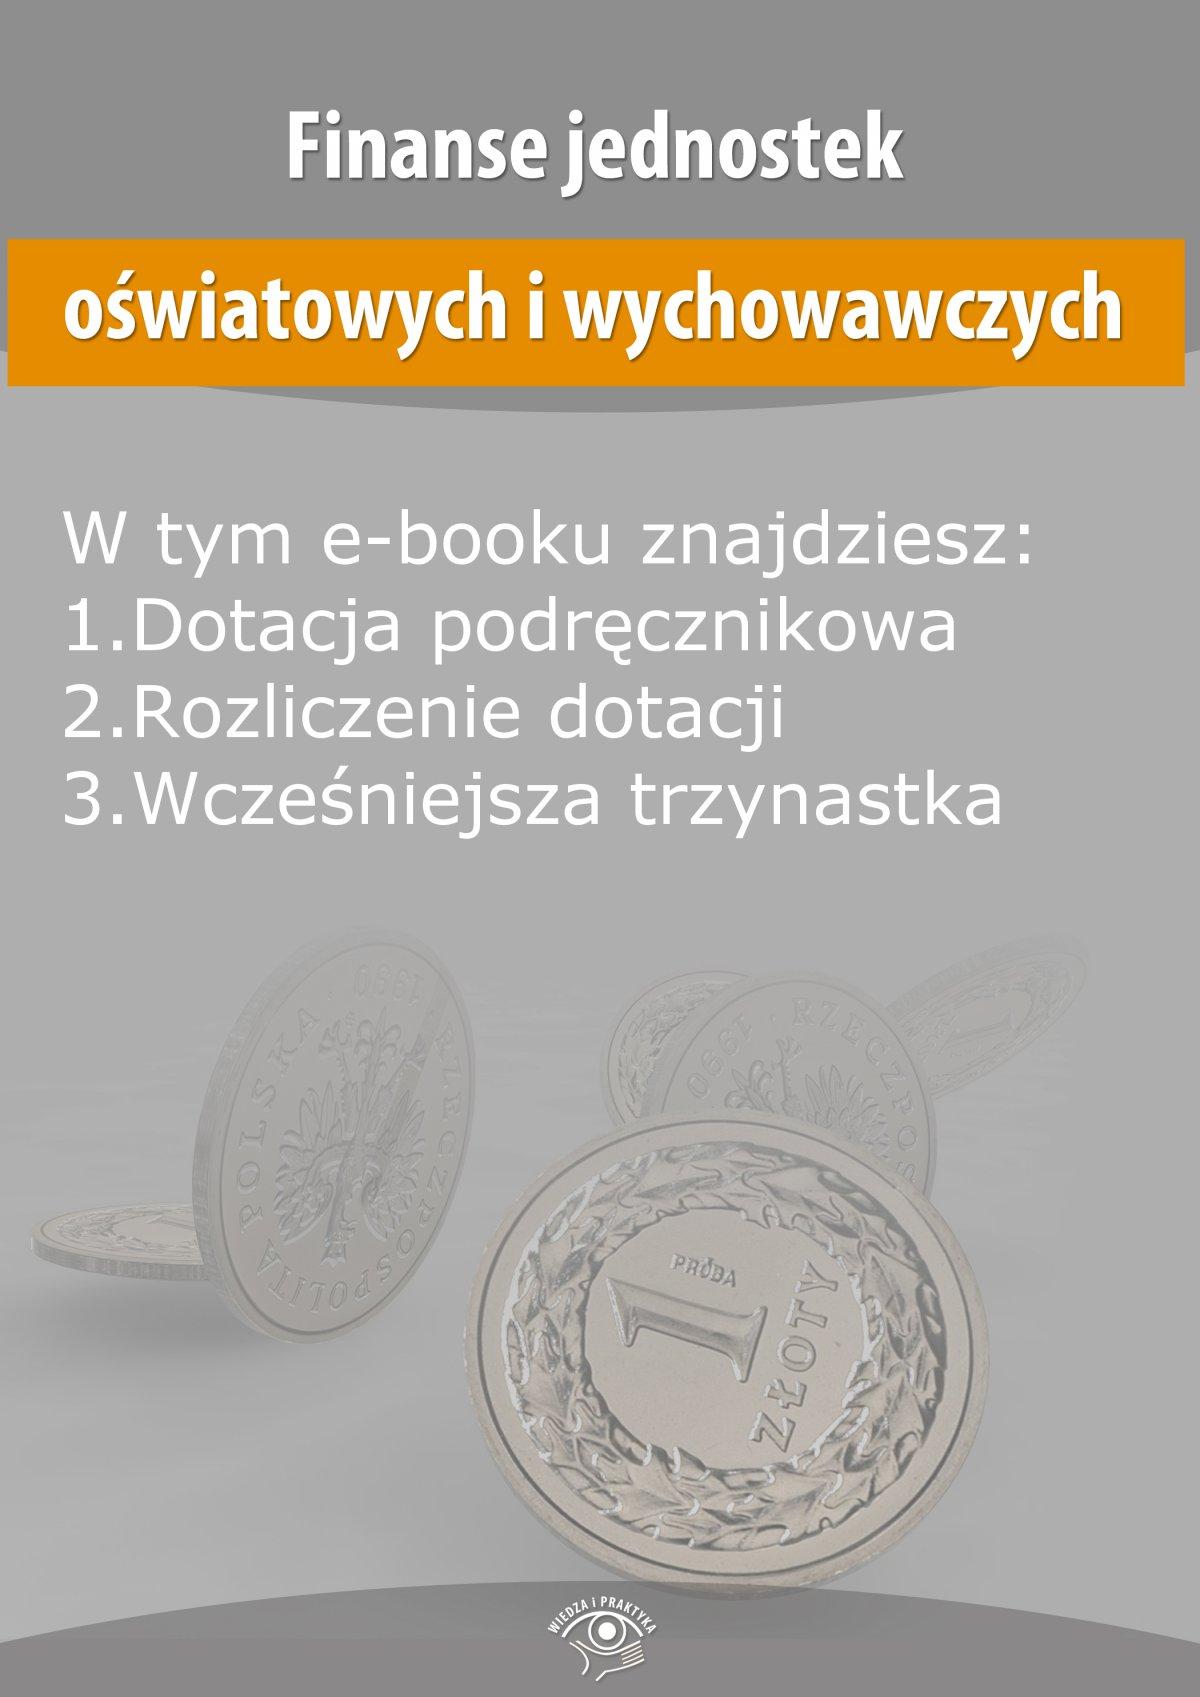 Finanse jednostek oświatowych i wychowawczych, wydanie listopad 2014 r. - Ebook (Książka EPUB) do pobrania w formacie EPUB